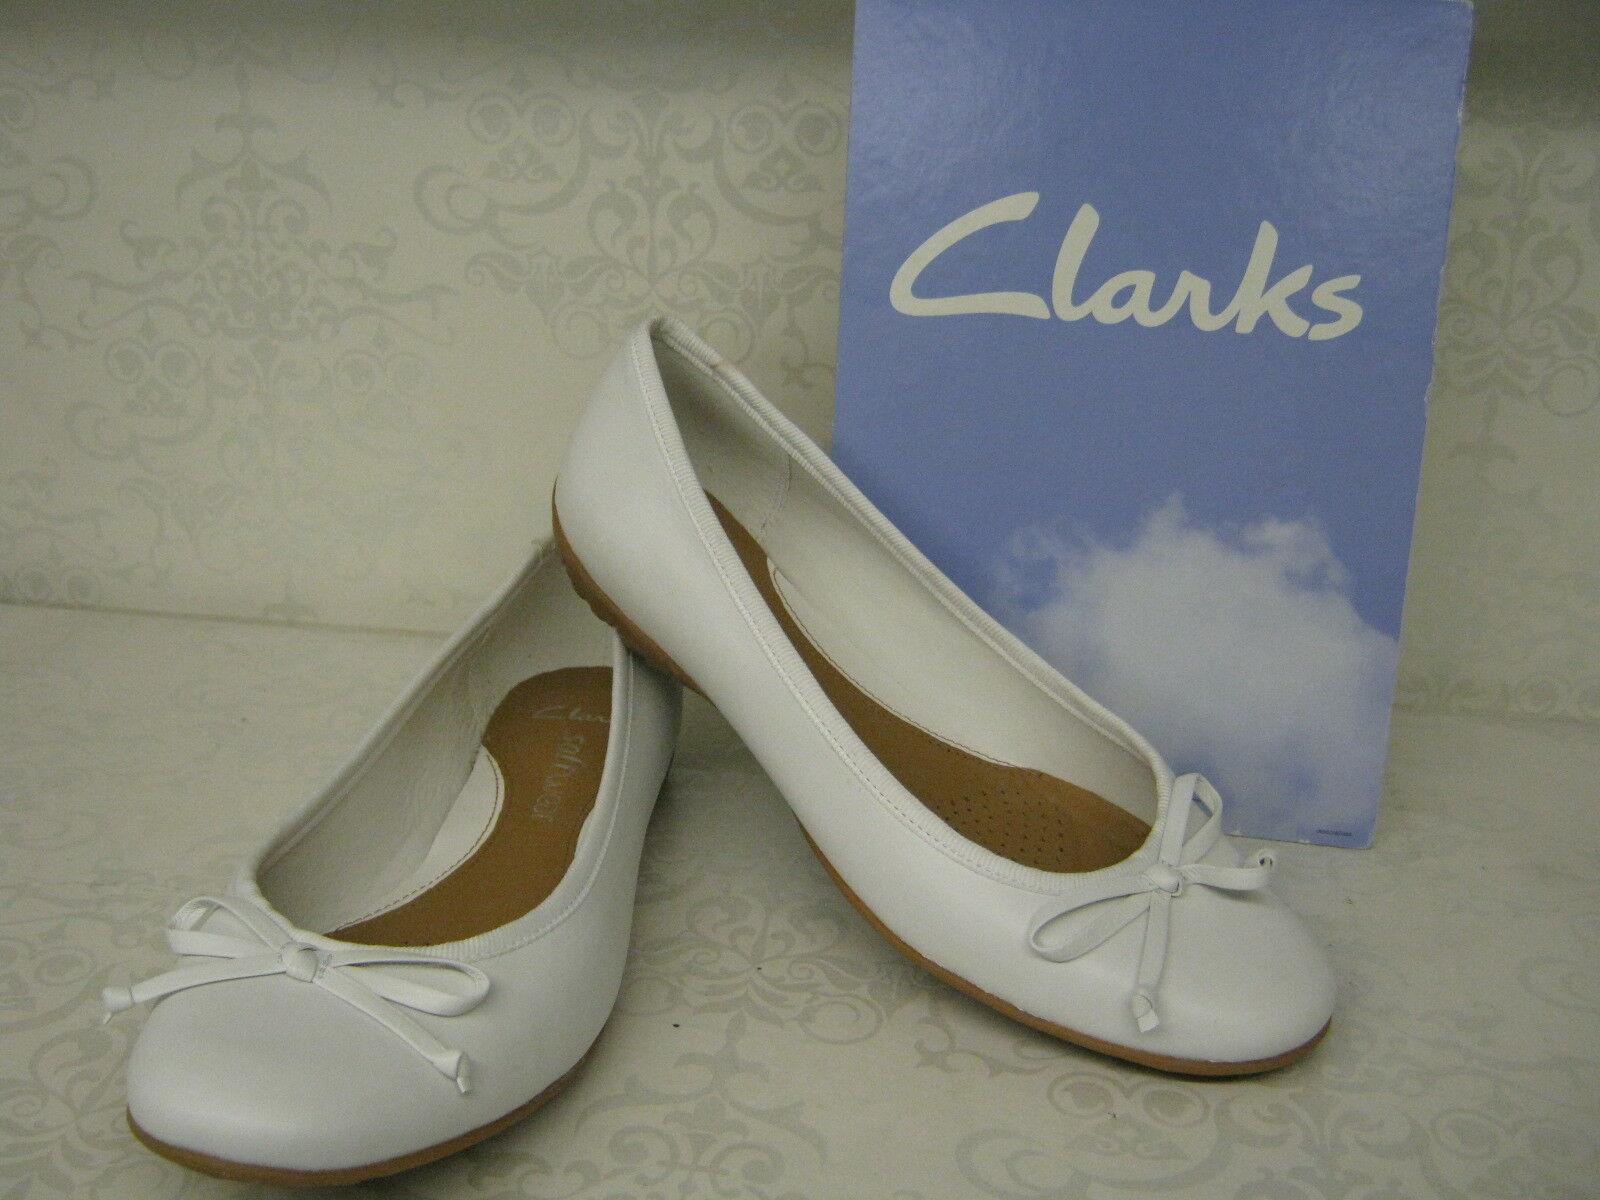 Clarks Arizona infilare calore bianco in pelle da infilare Arizona scarpe stile Ballerina c32973